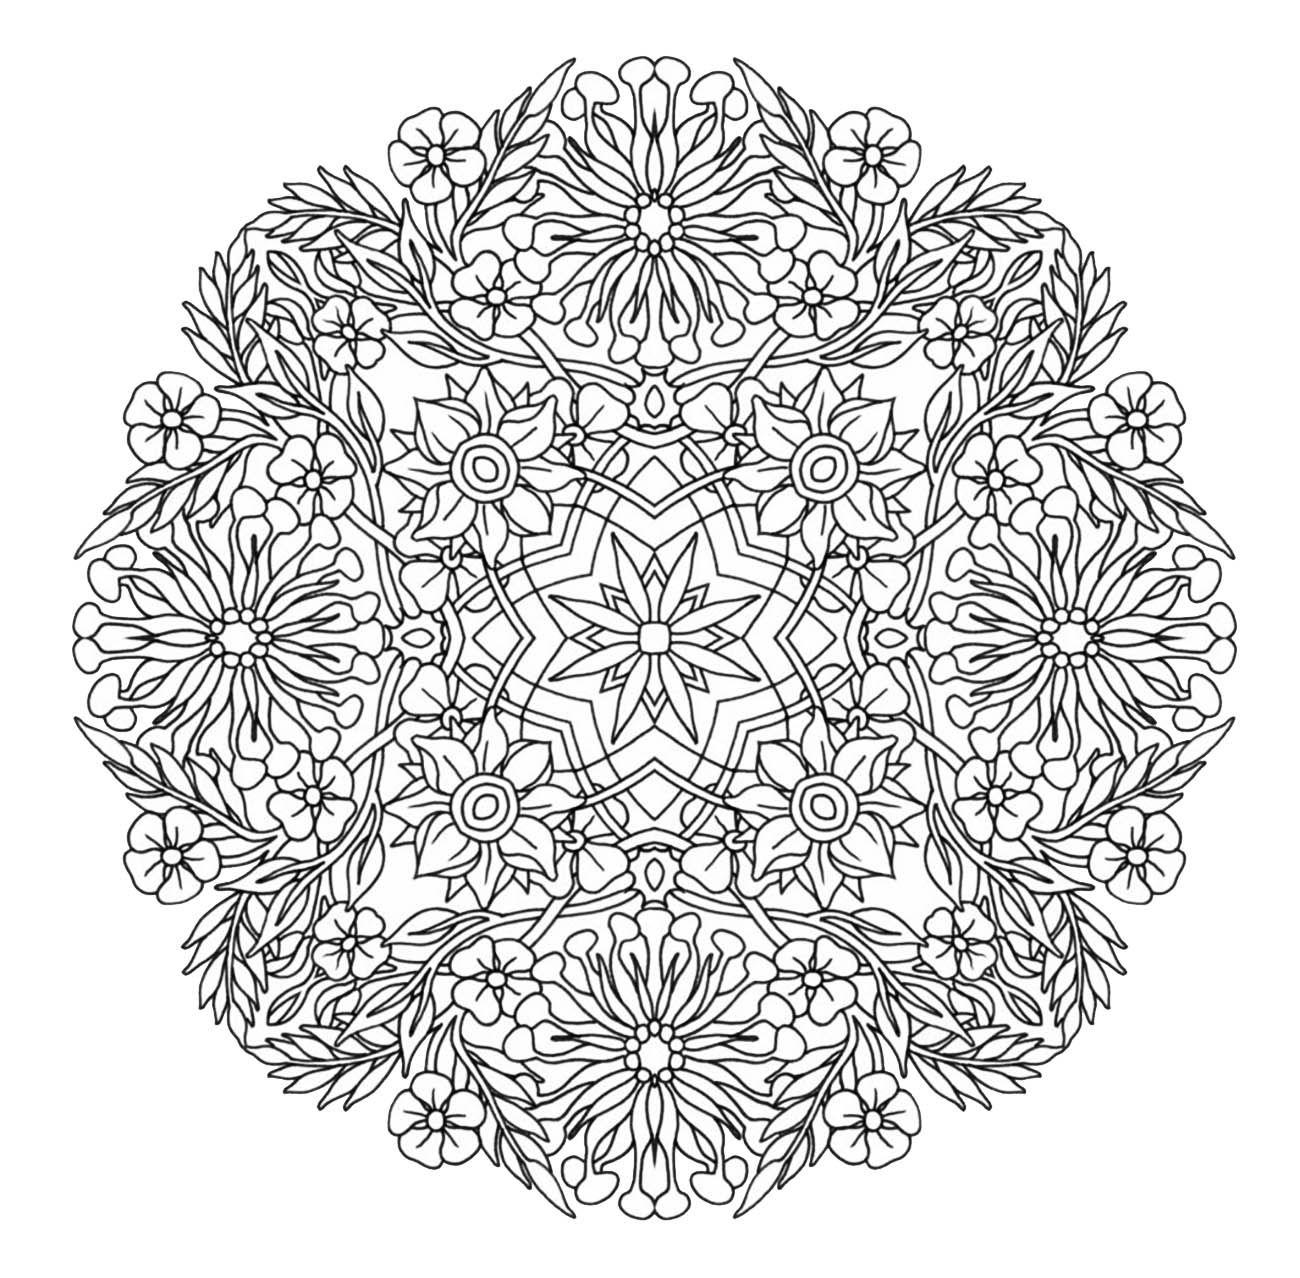 Kleurplaten Mandala Pdf.Mandala To Download In Pdf 9from The Gallery Mandalas